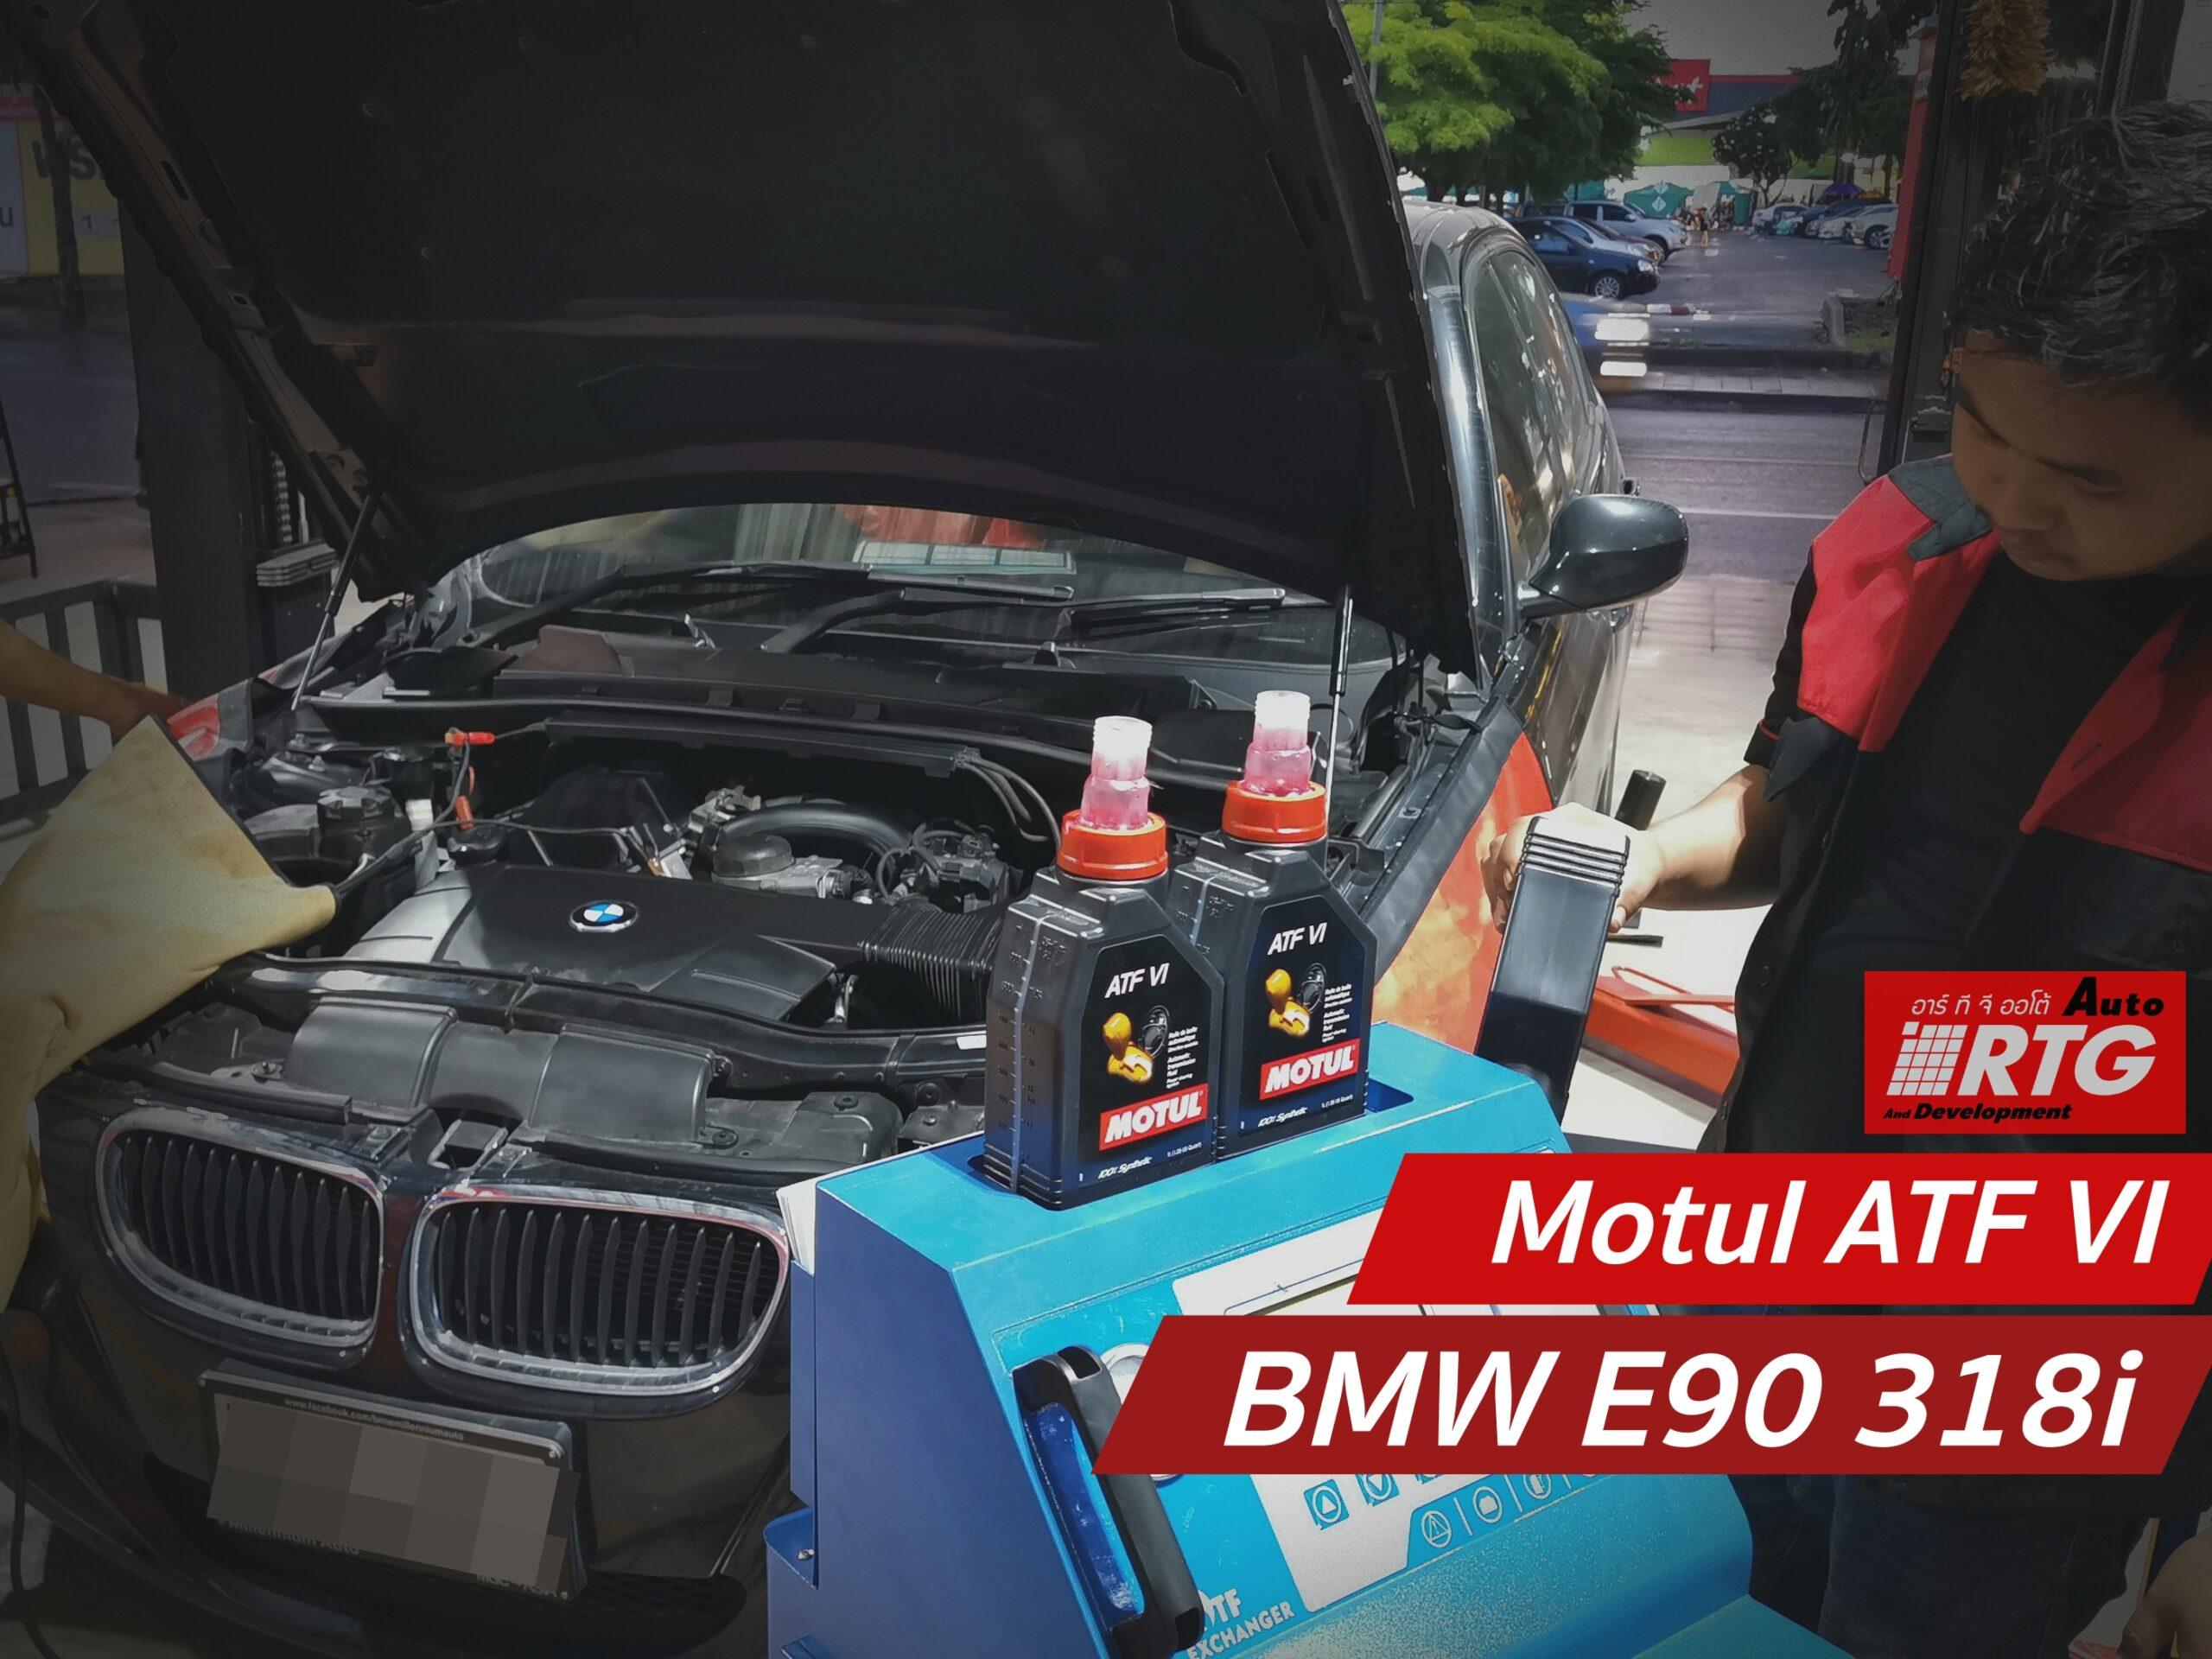 ฟอกเกียร์ BMW E90 318 Motul ATF VI